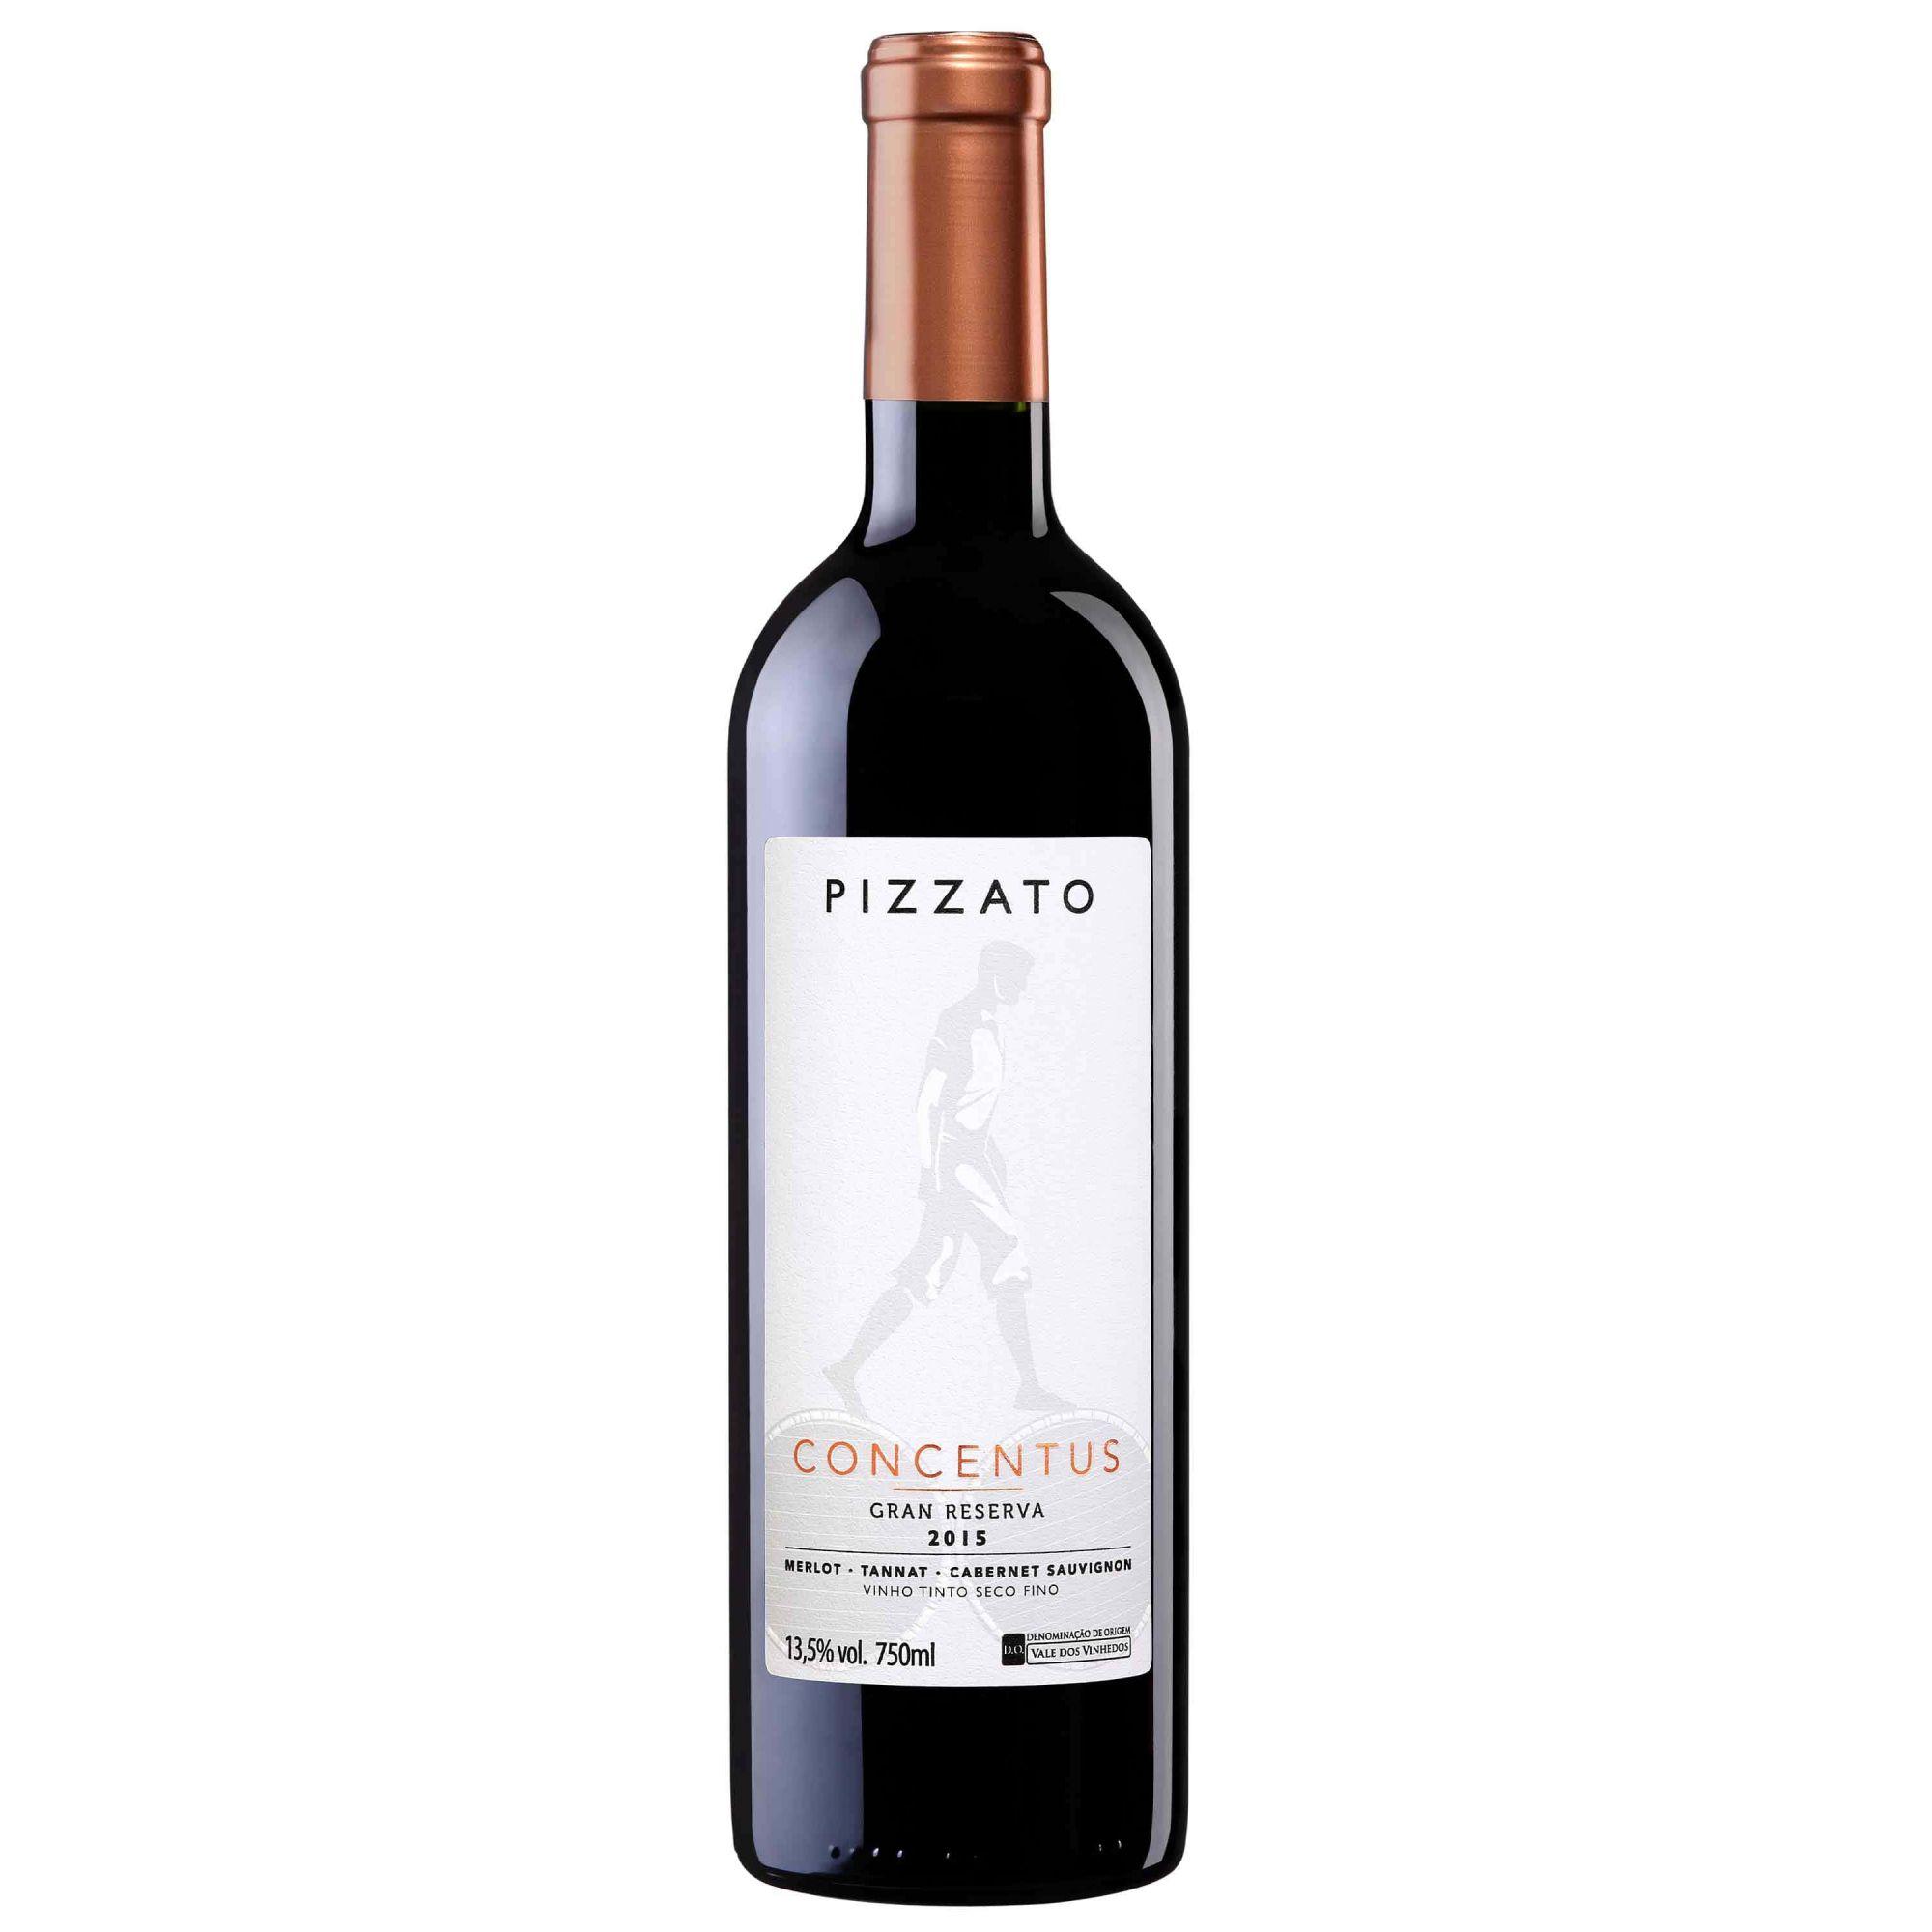 Pizzato Concentus Gran Reserva